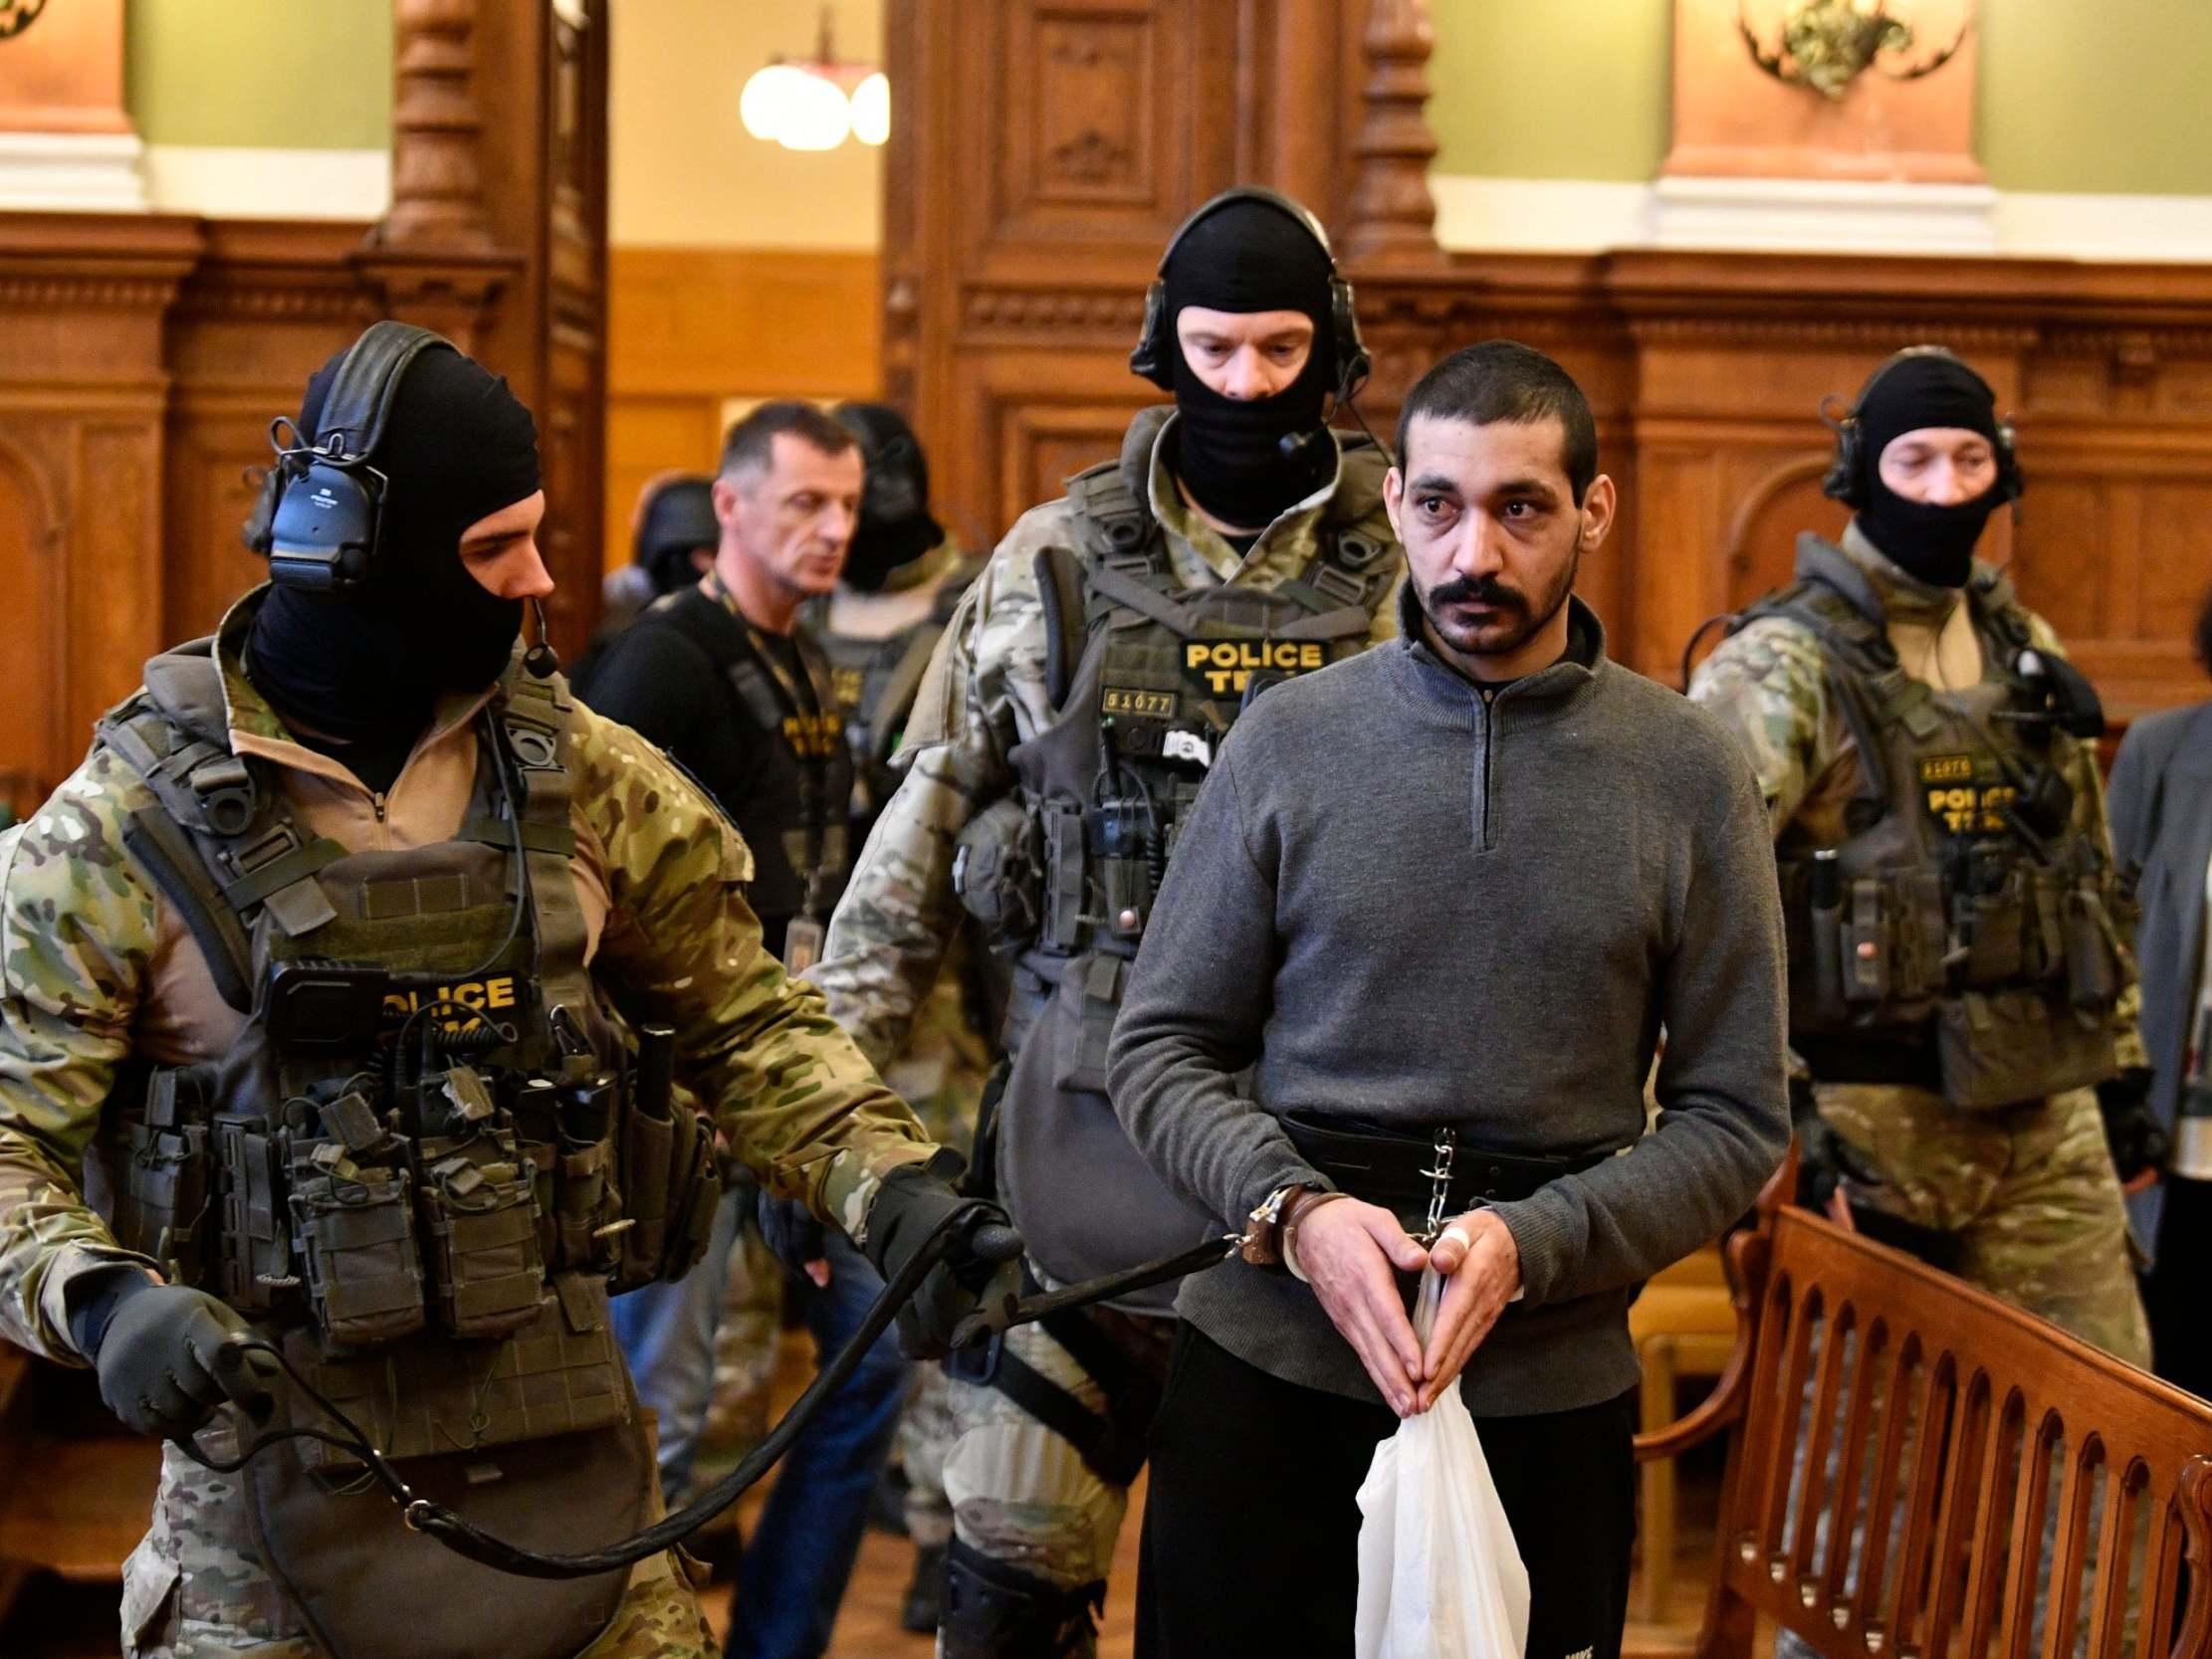 Maďarsko právě uvěznilo velitele a popravčího ISIS